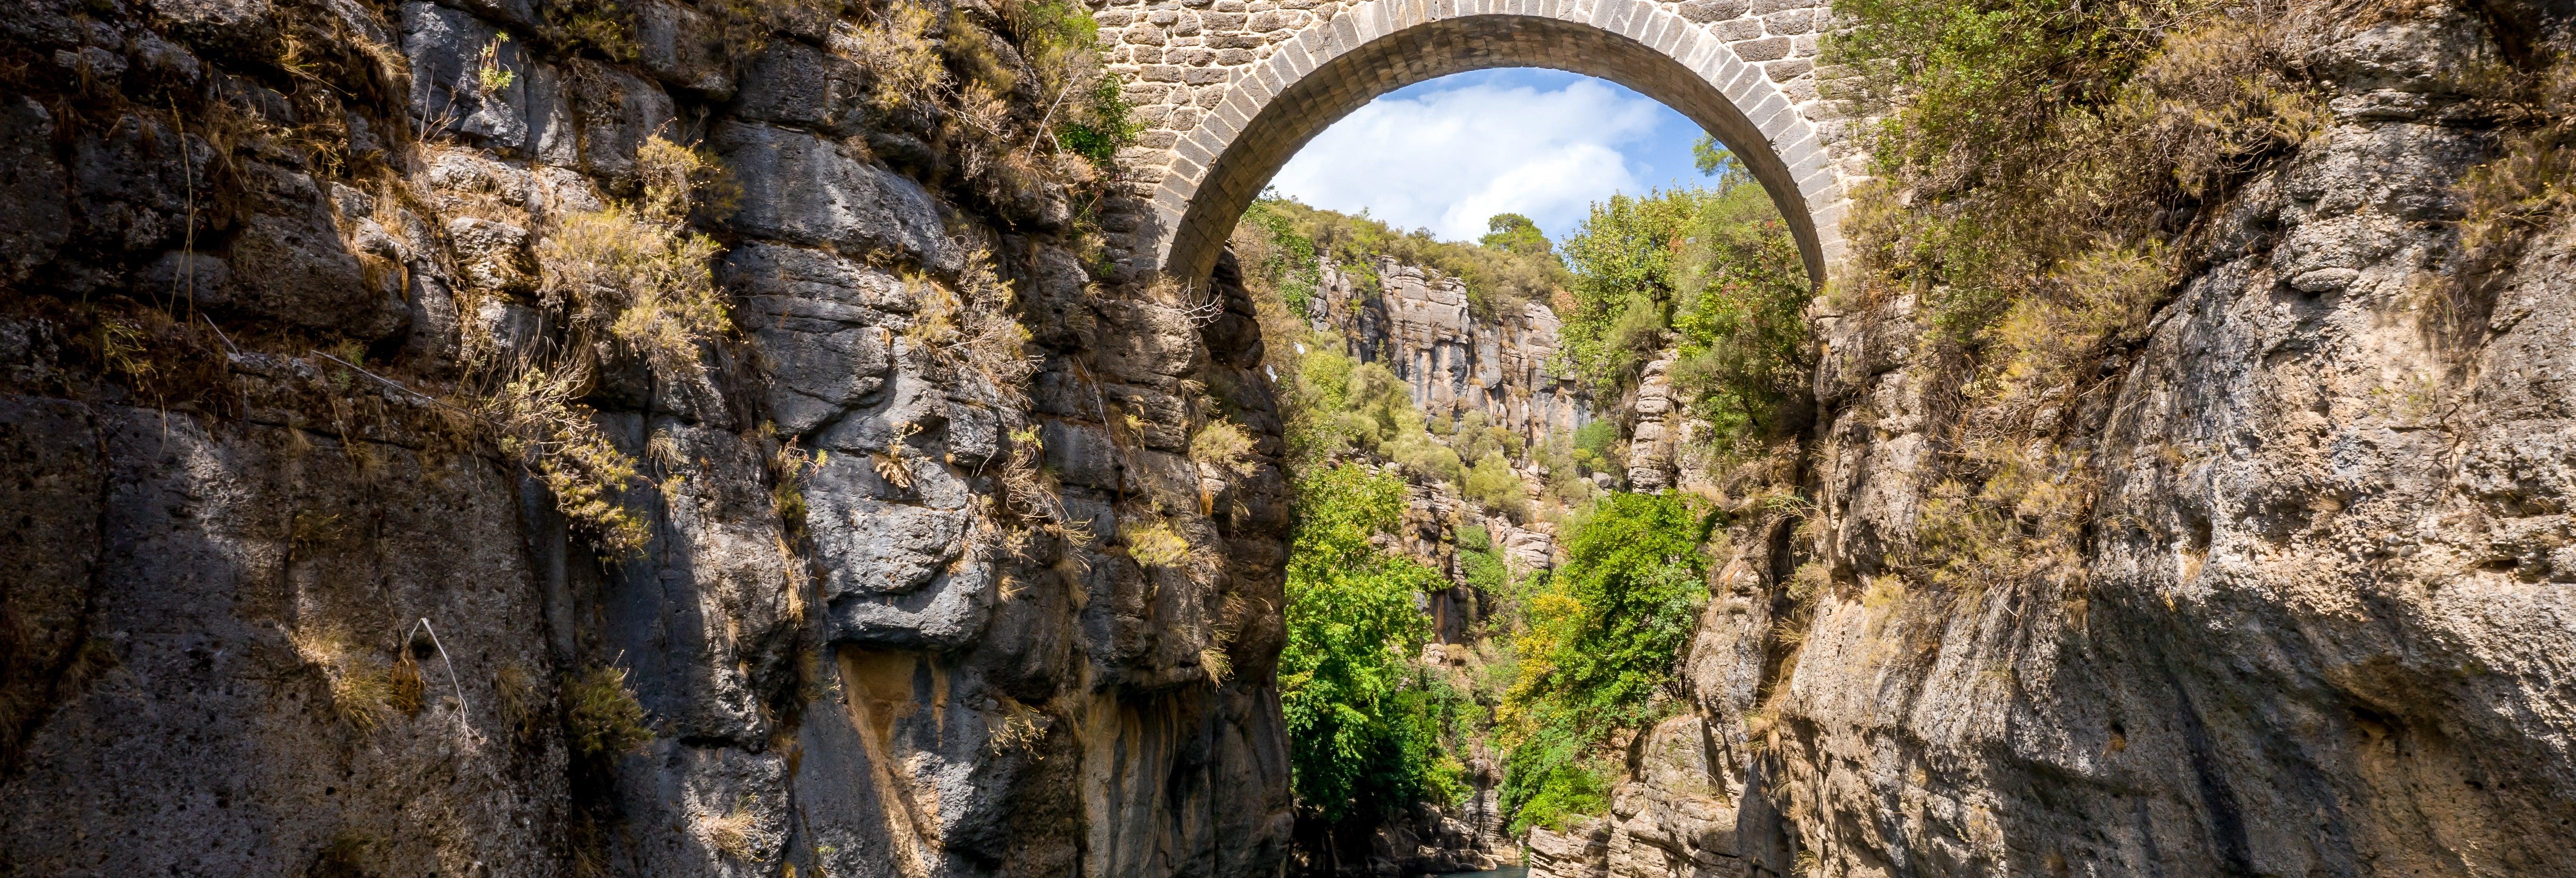 Rafting en el Cañón Koprulu